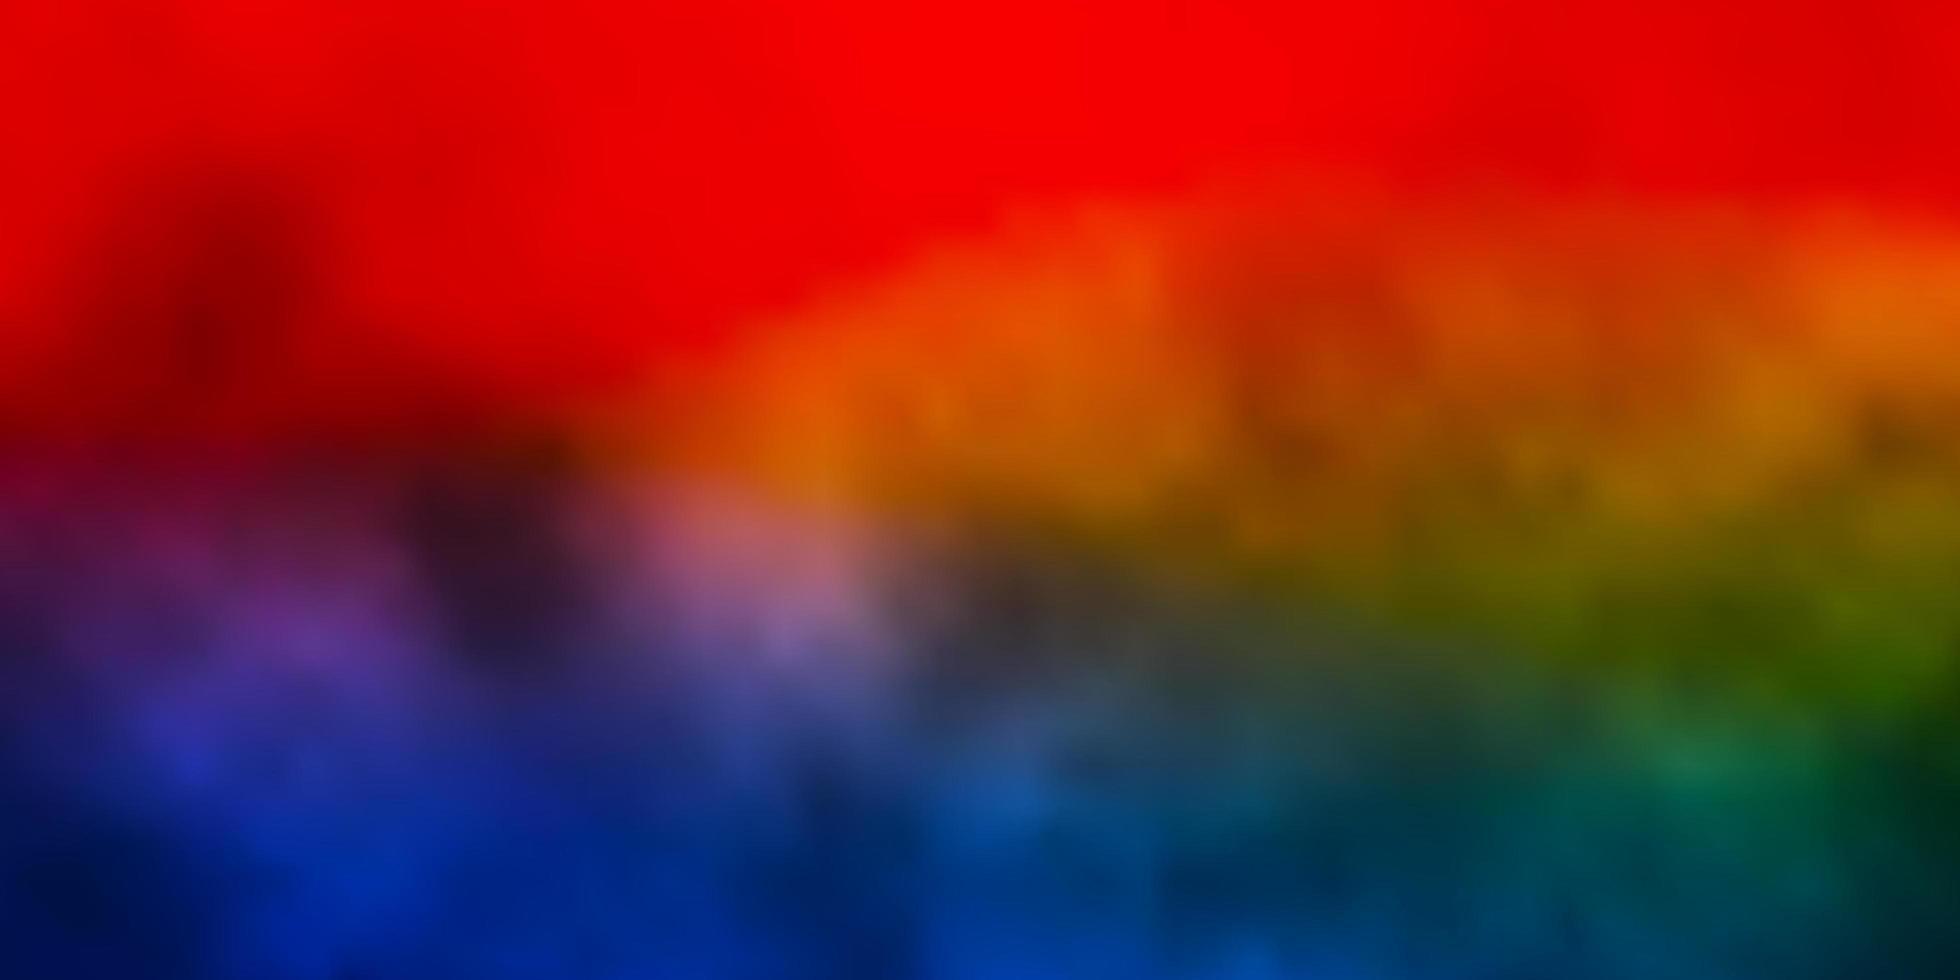 mörkblå, röd layout med molnlandskap. vektor